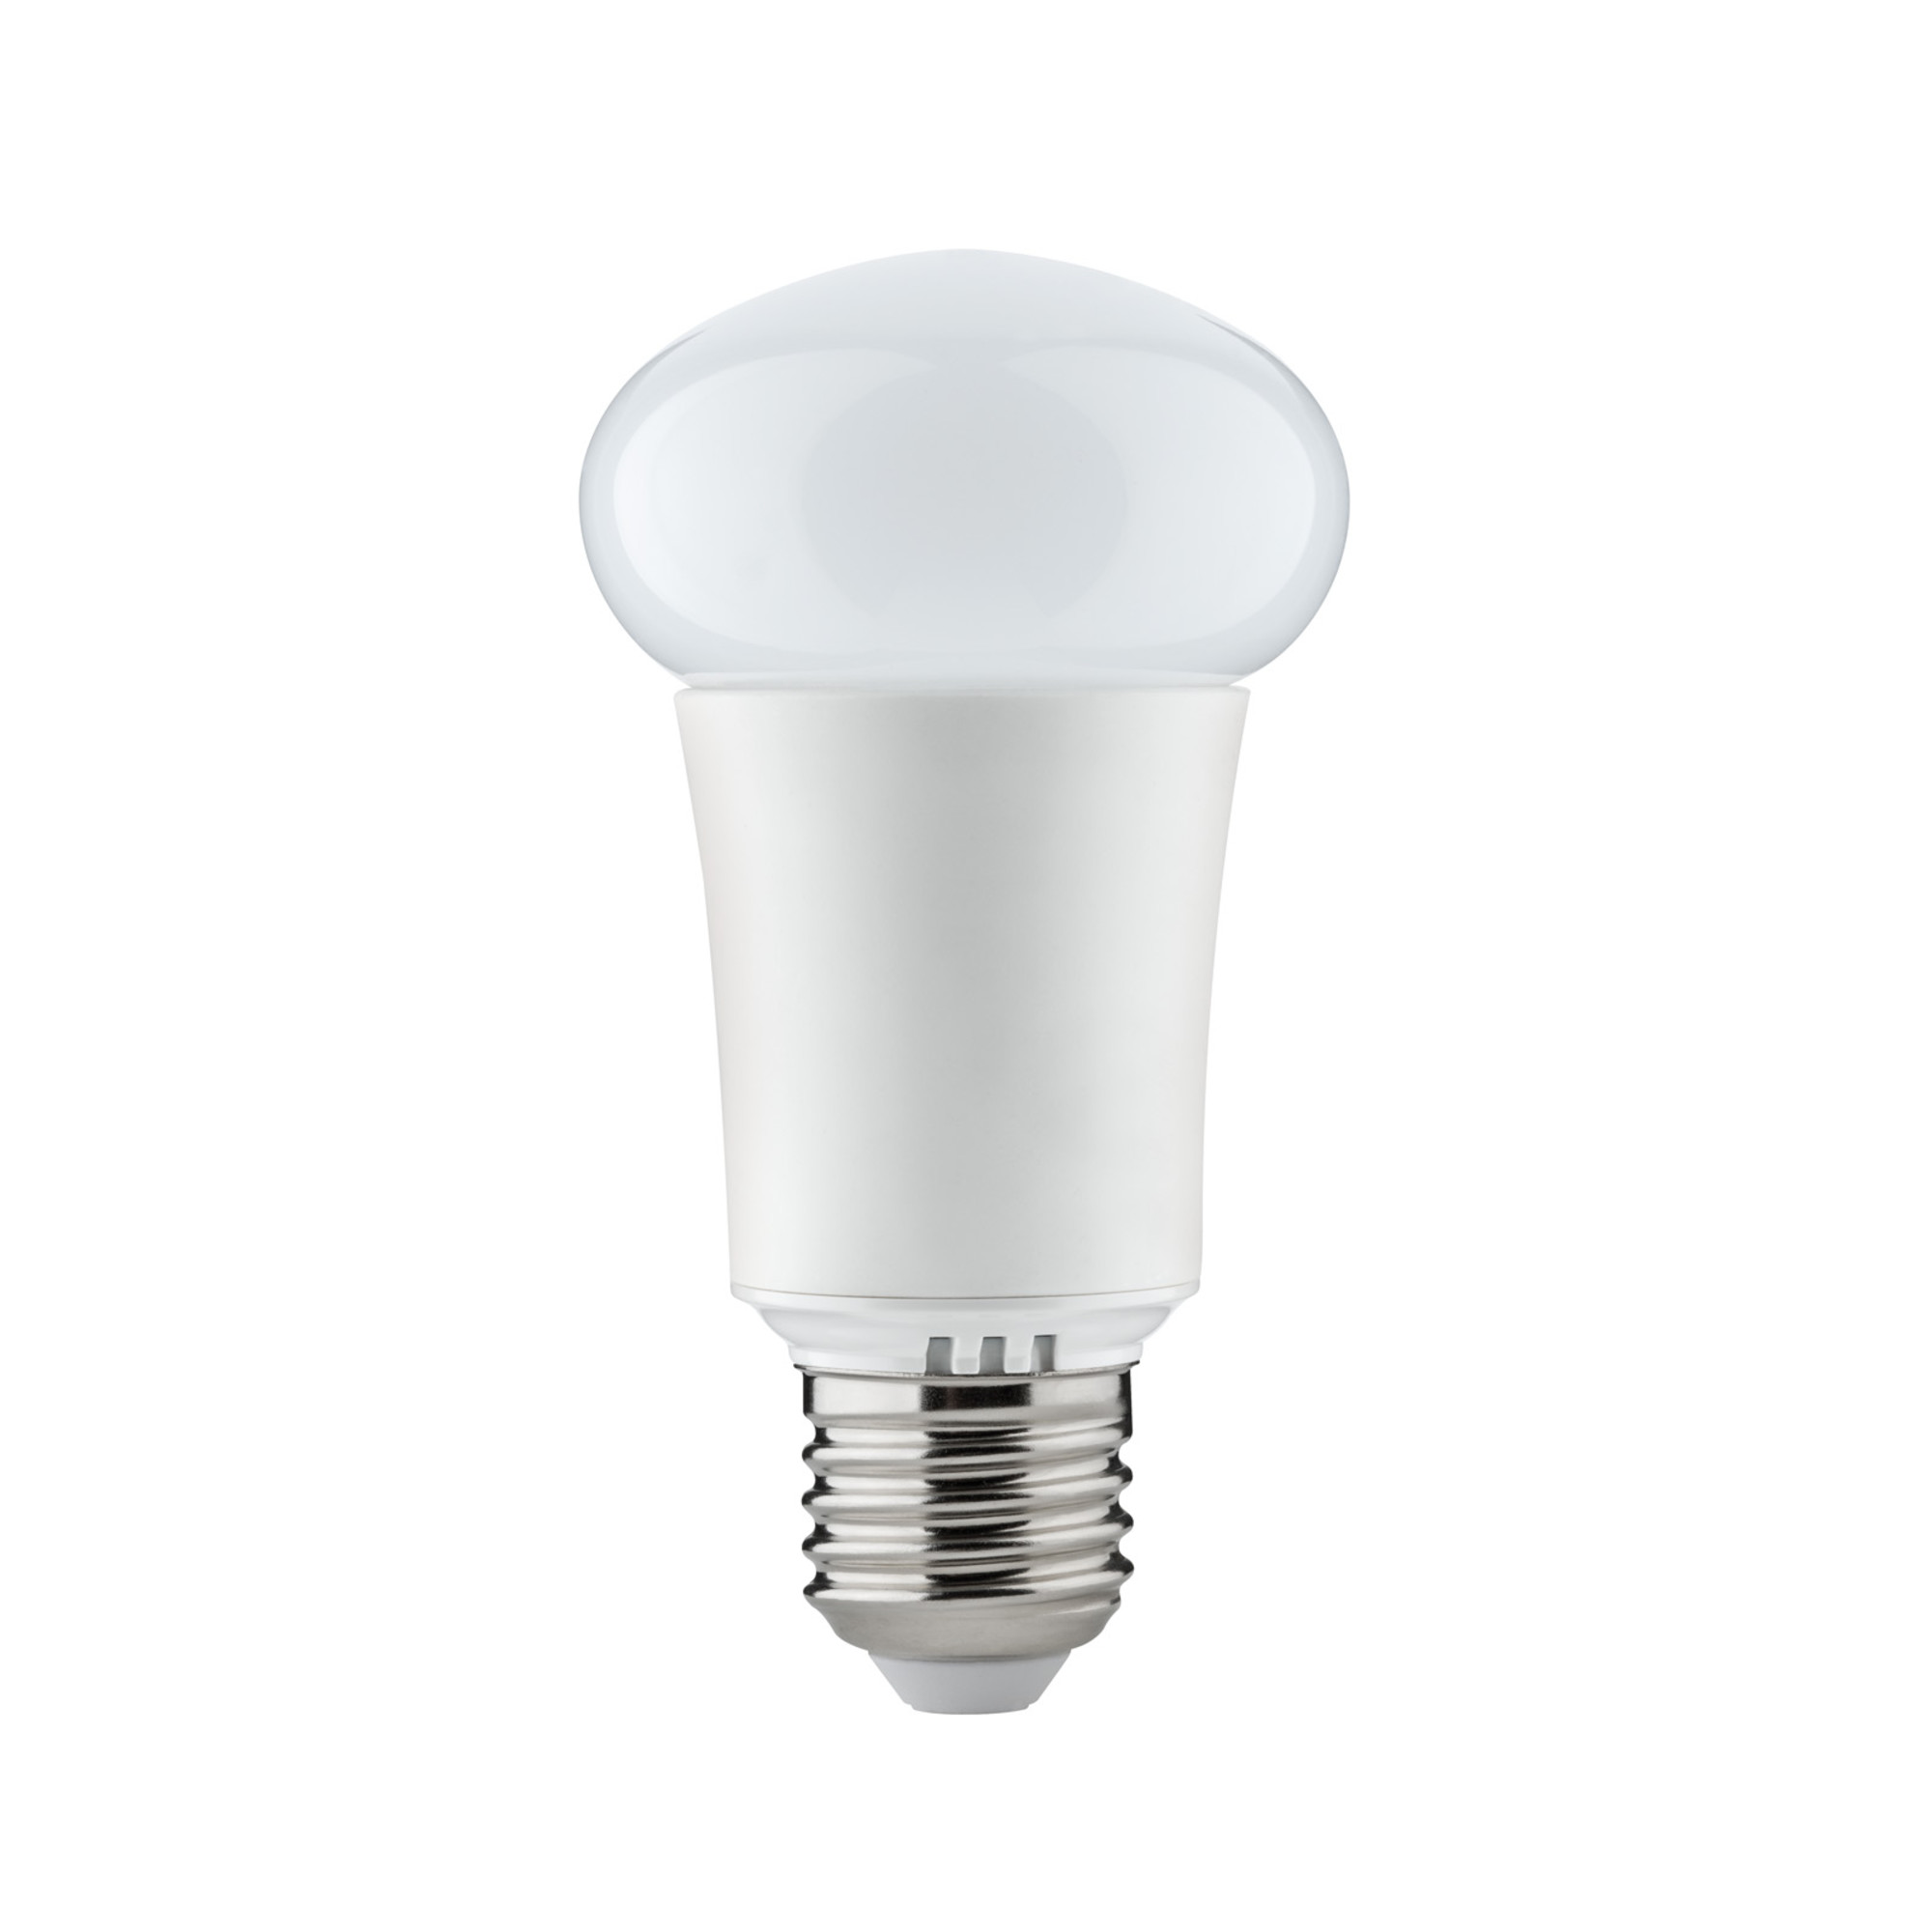 Лампа светодиодная Paulmann Smartbulb 7Вт 450лм 2700К E27 230В Разноцветная RGB Диммируемая 28408.